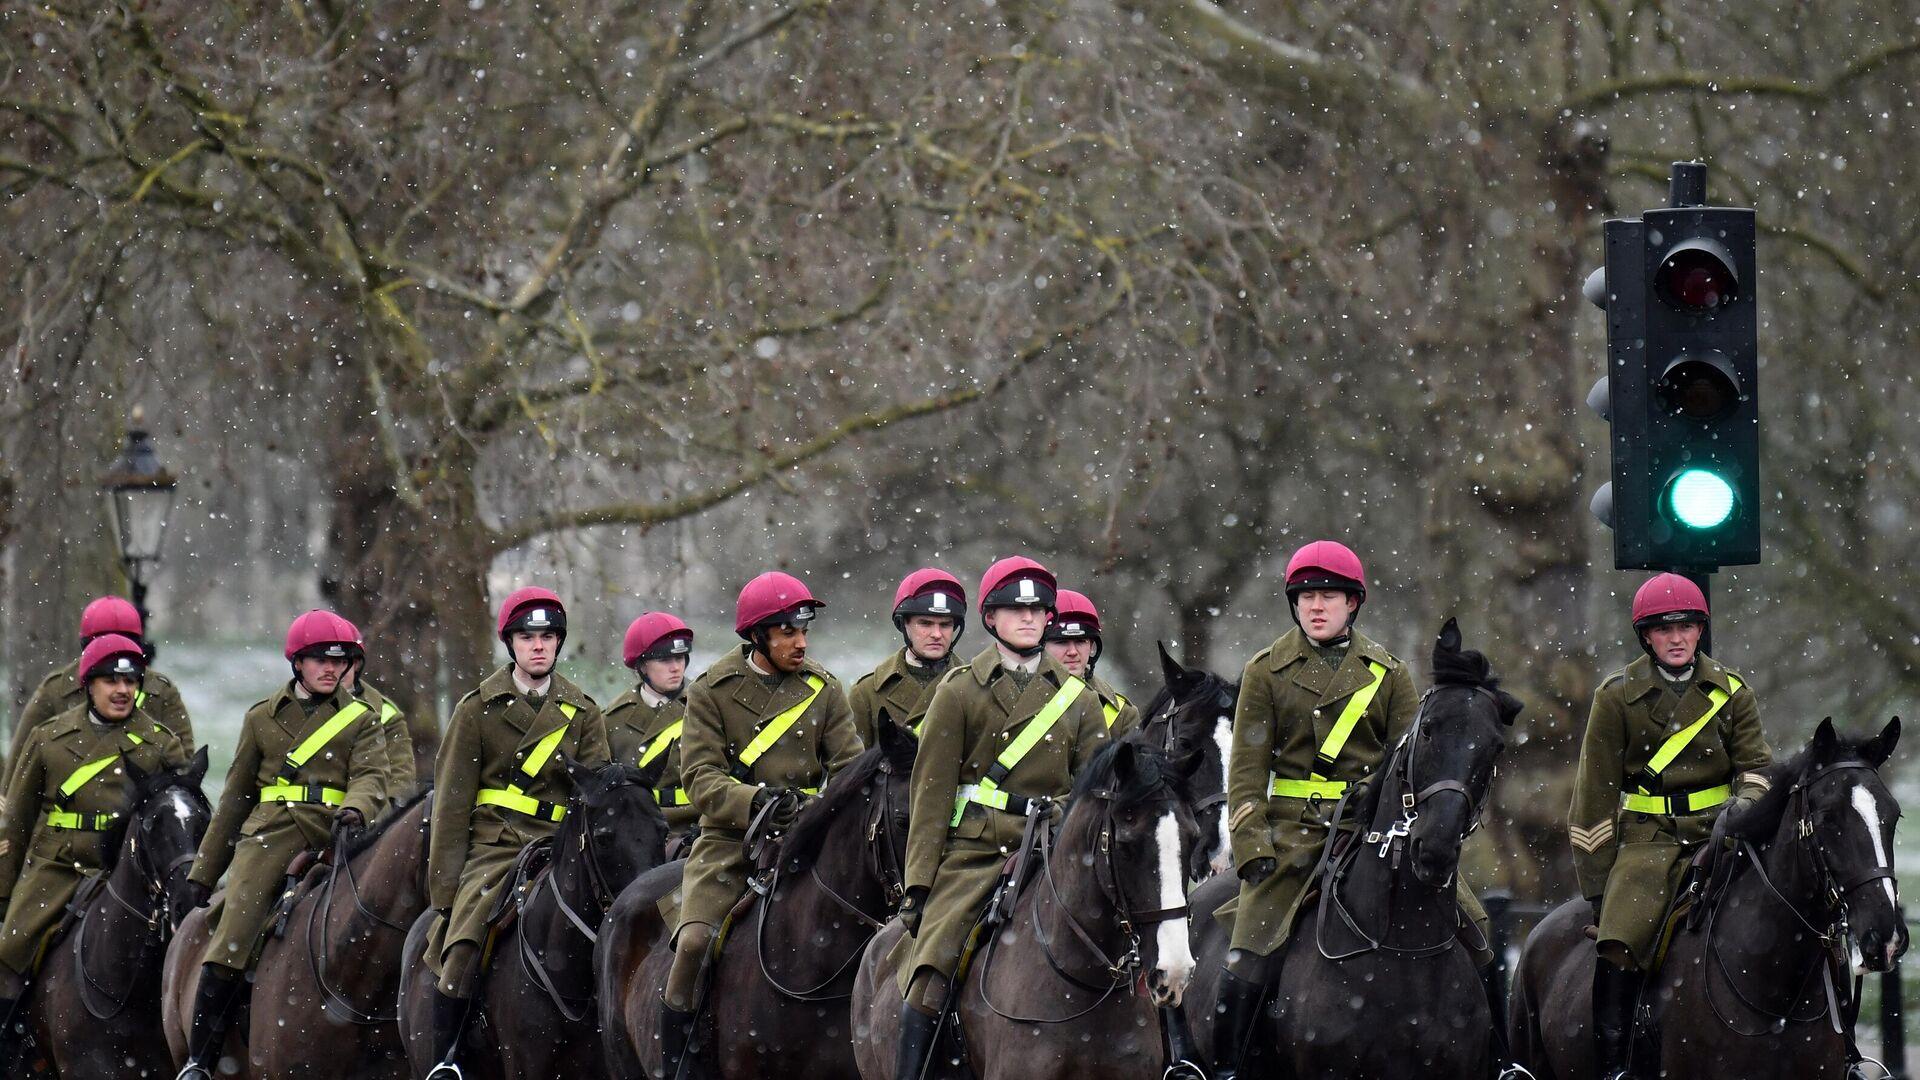 Mitglieder des Kavallerieregiments  der britischen Armee,  Feb. 9, 2021.  - SNA, 1920, 14.02.2021